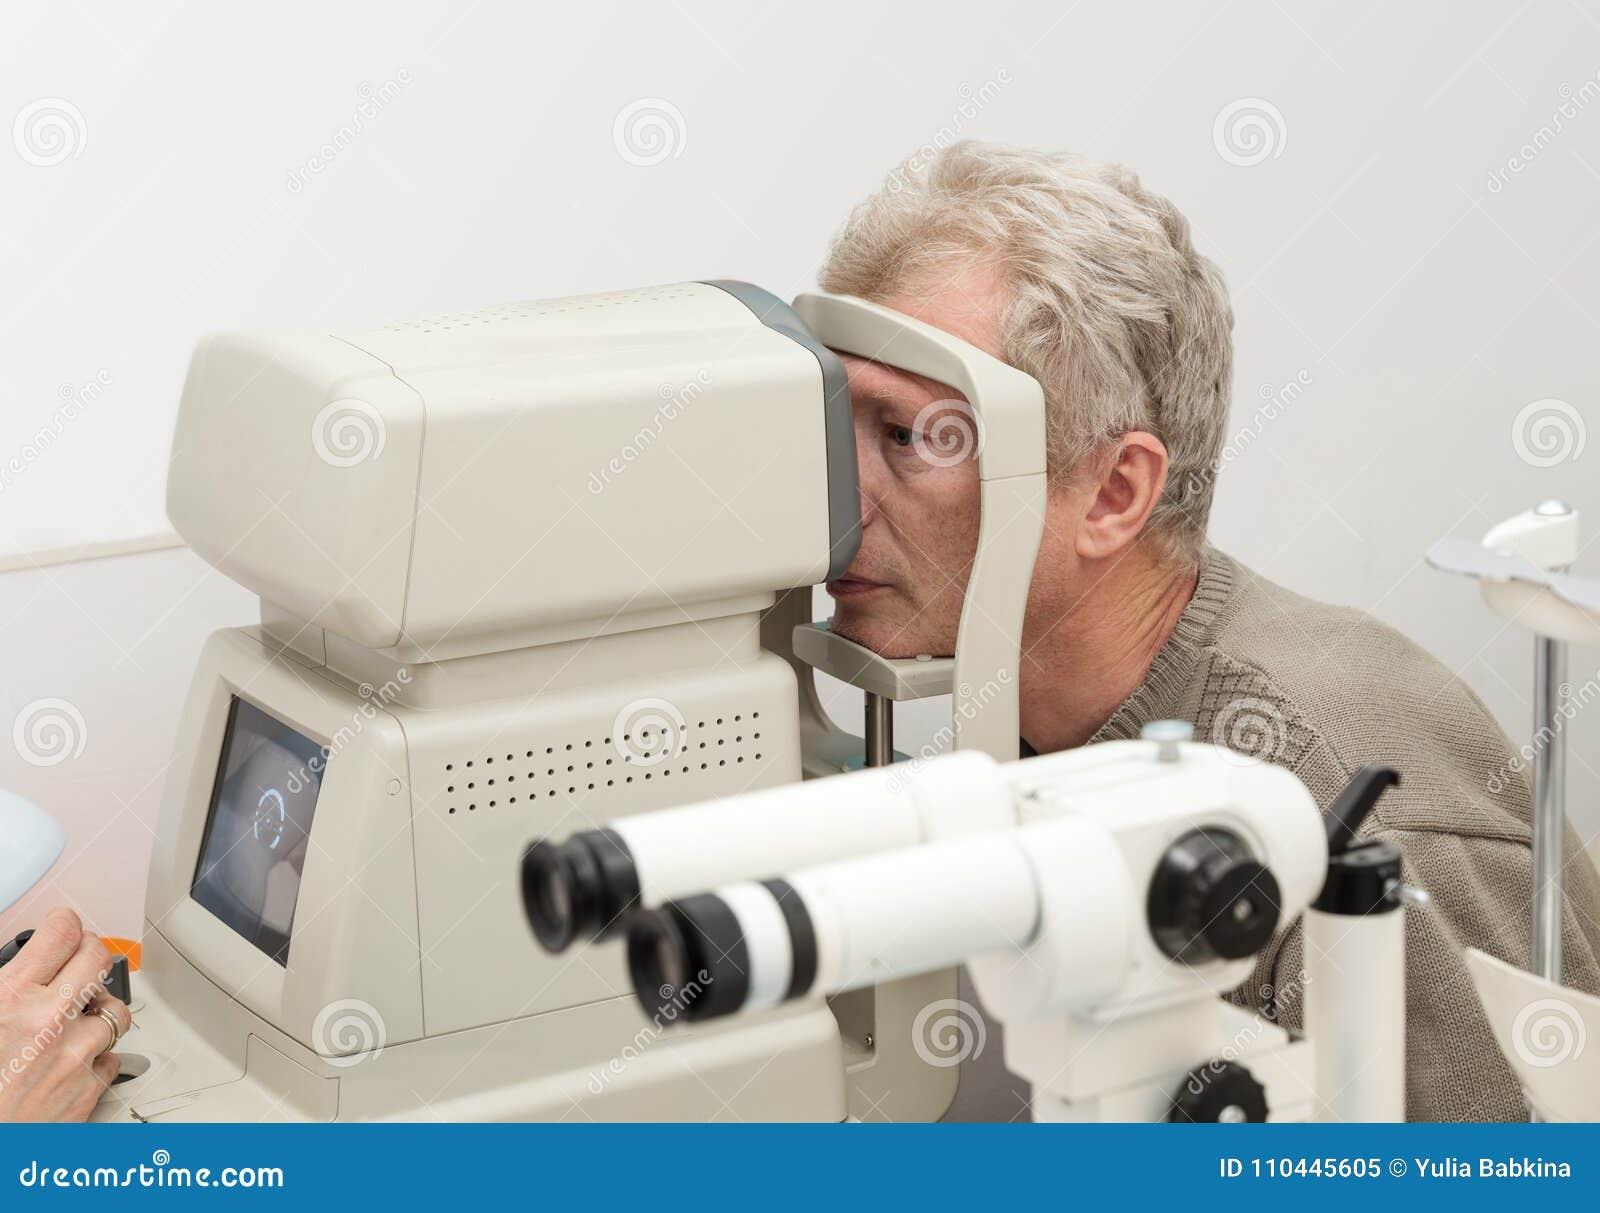 Eye Examination On Diagnostic Equipment Stock Image - Image of exam